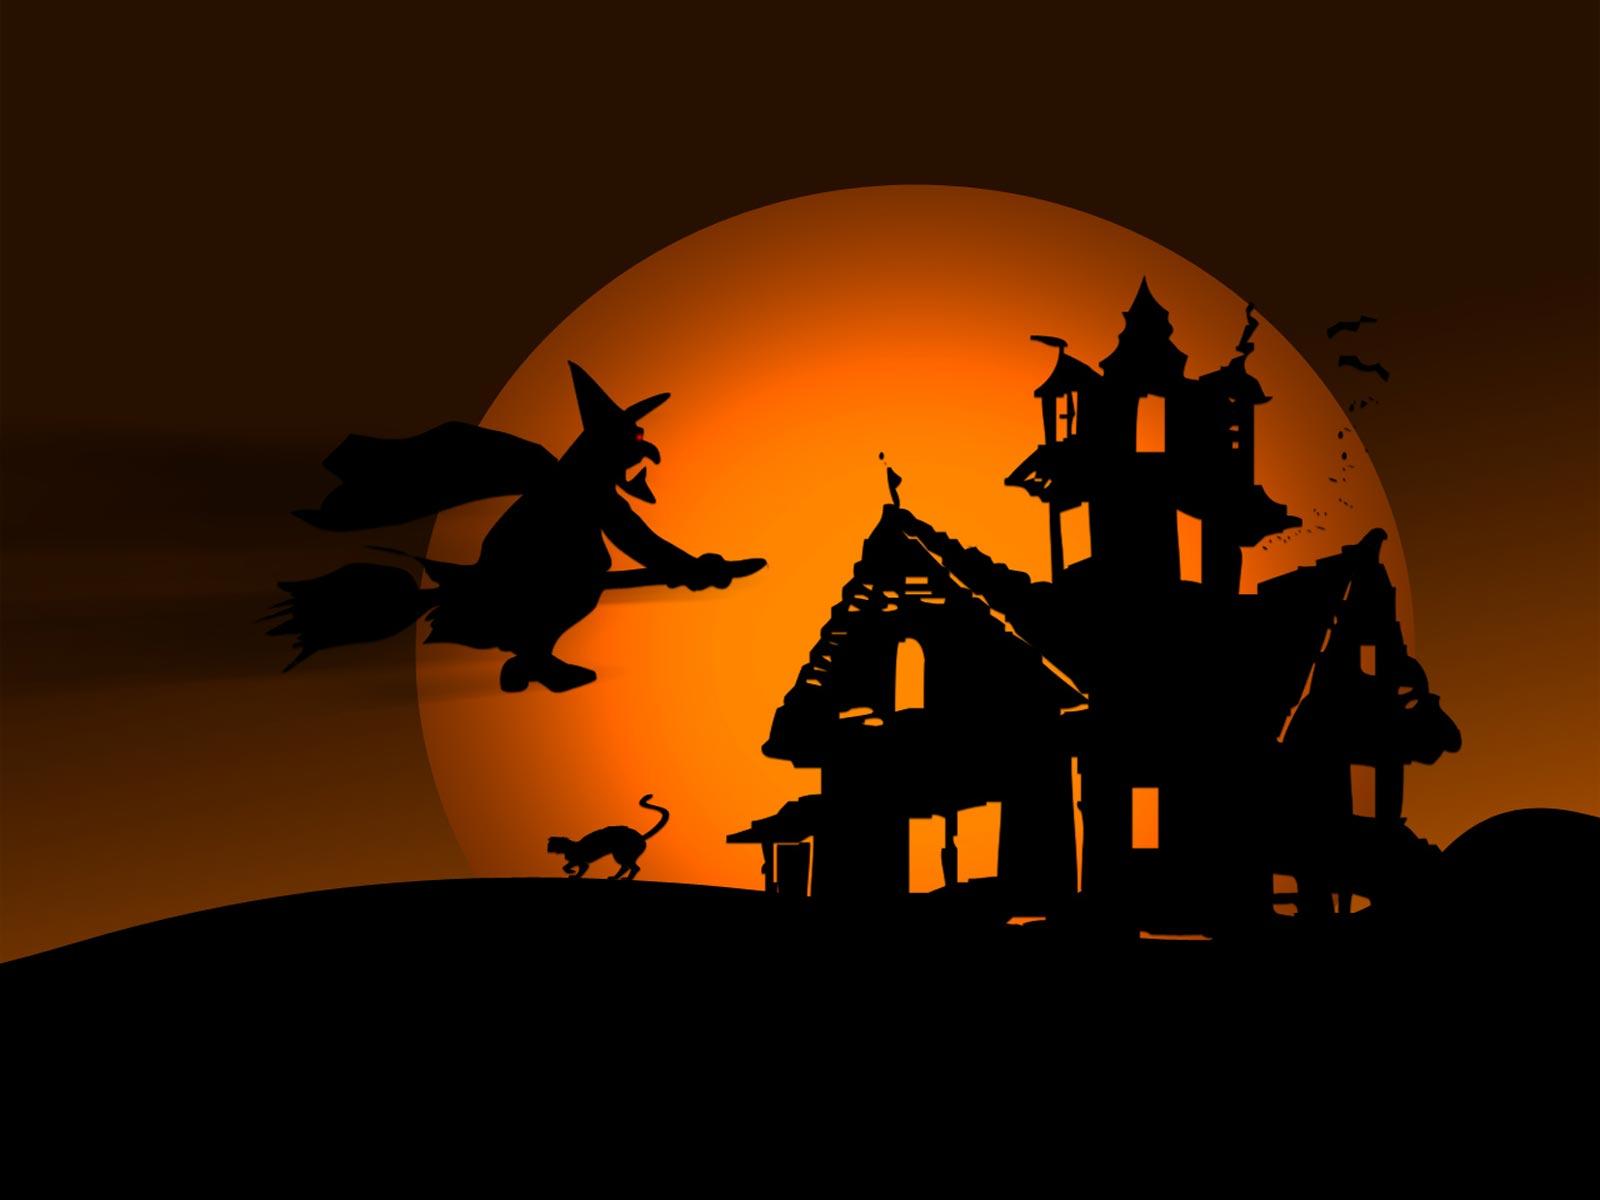 Flying Witch Halloween Desktop Wallpaper 1600x1200